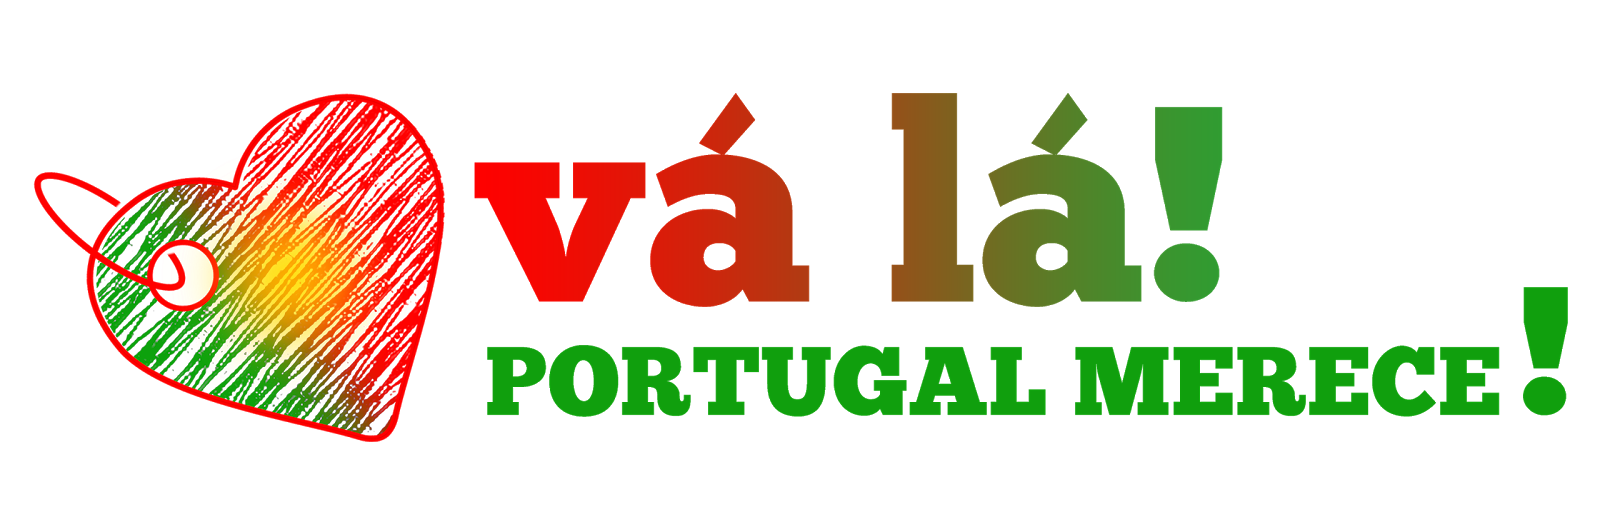 vá lá portugal merece